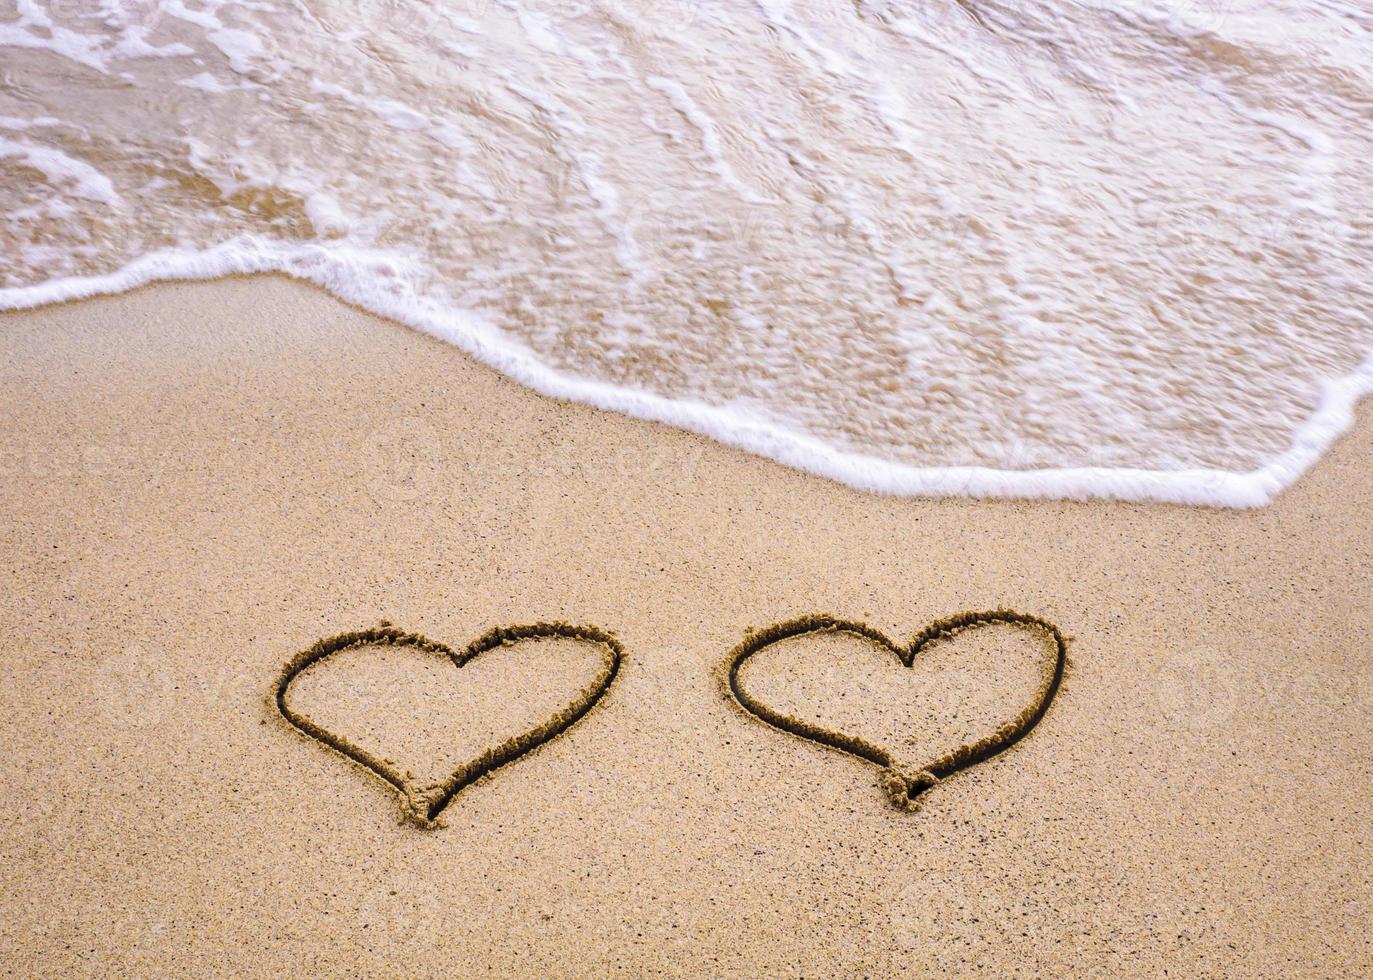 symbolen van twee harten getekend op zand, liefde concept foto